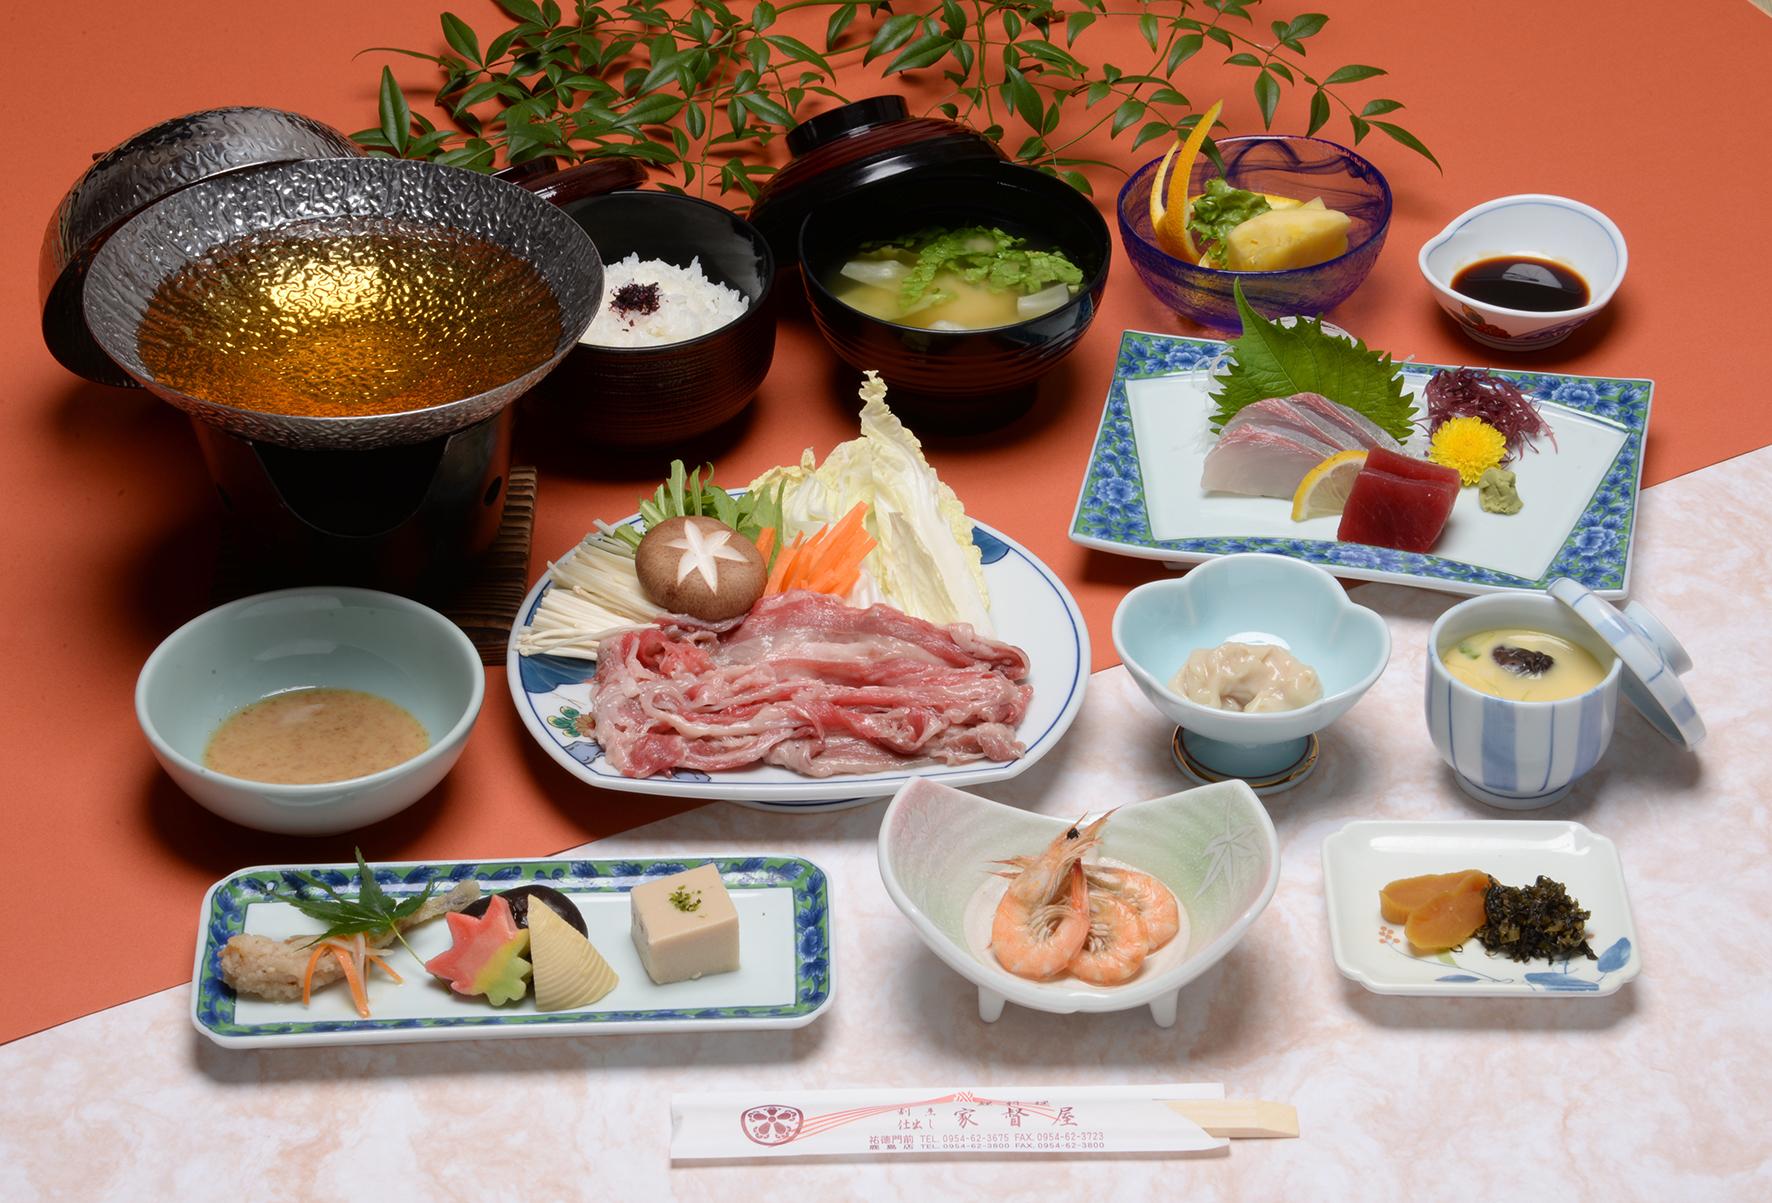 佐賀産和牛のしゃぶしゃぶを、特製の胡麻ダレでお召し上がりください。地元有明海産の食材や、旬の素材を使用していますので、季節により小鉢の内容が変わります。